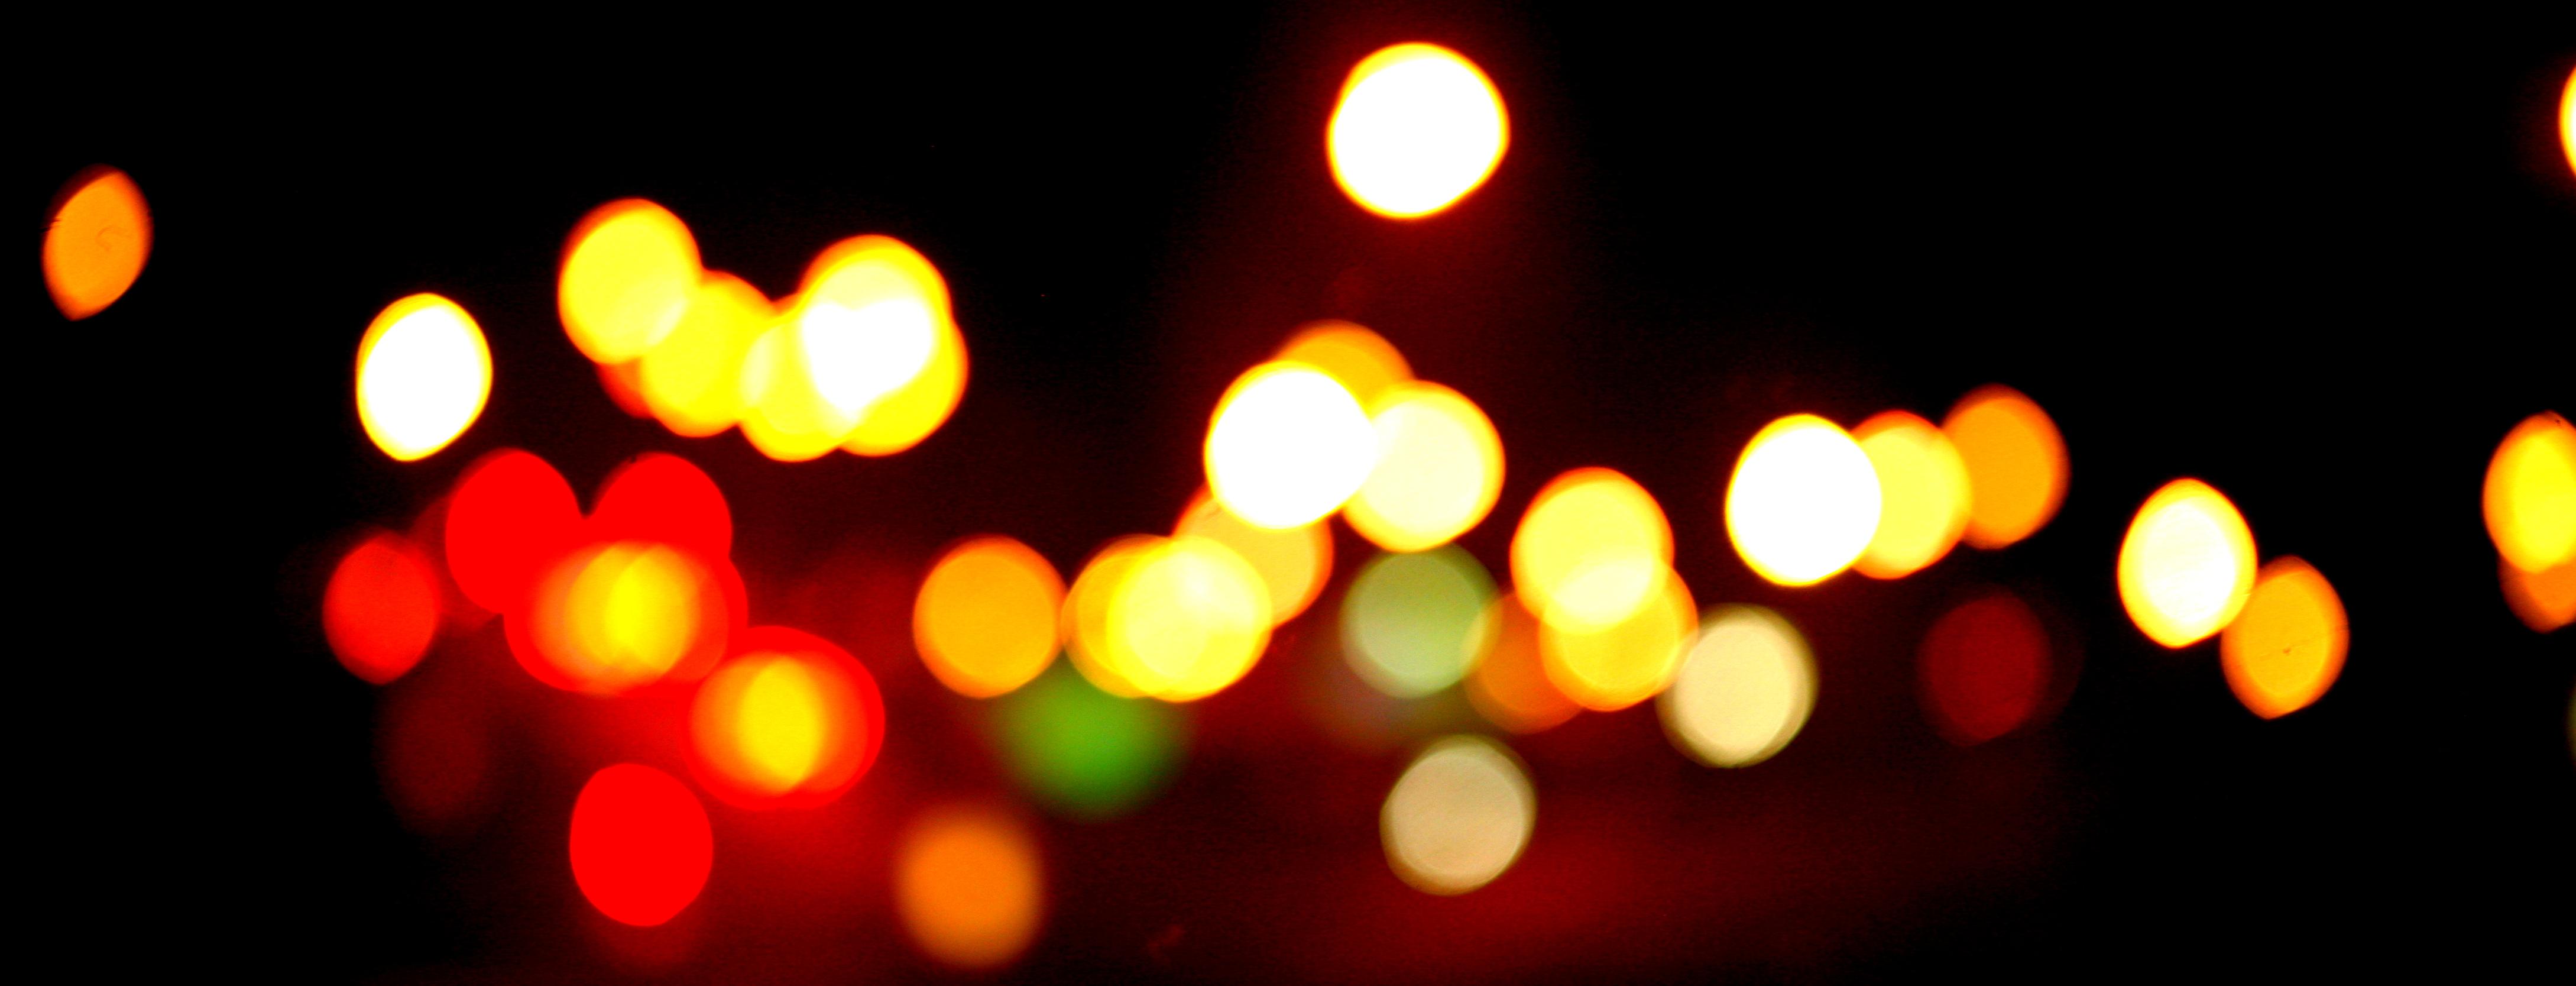 Night Lights – Bokeh...